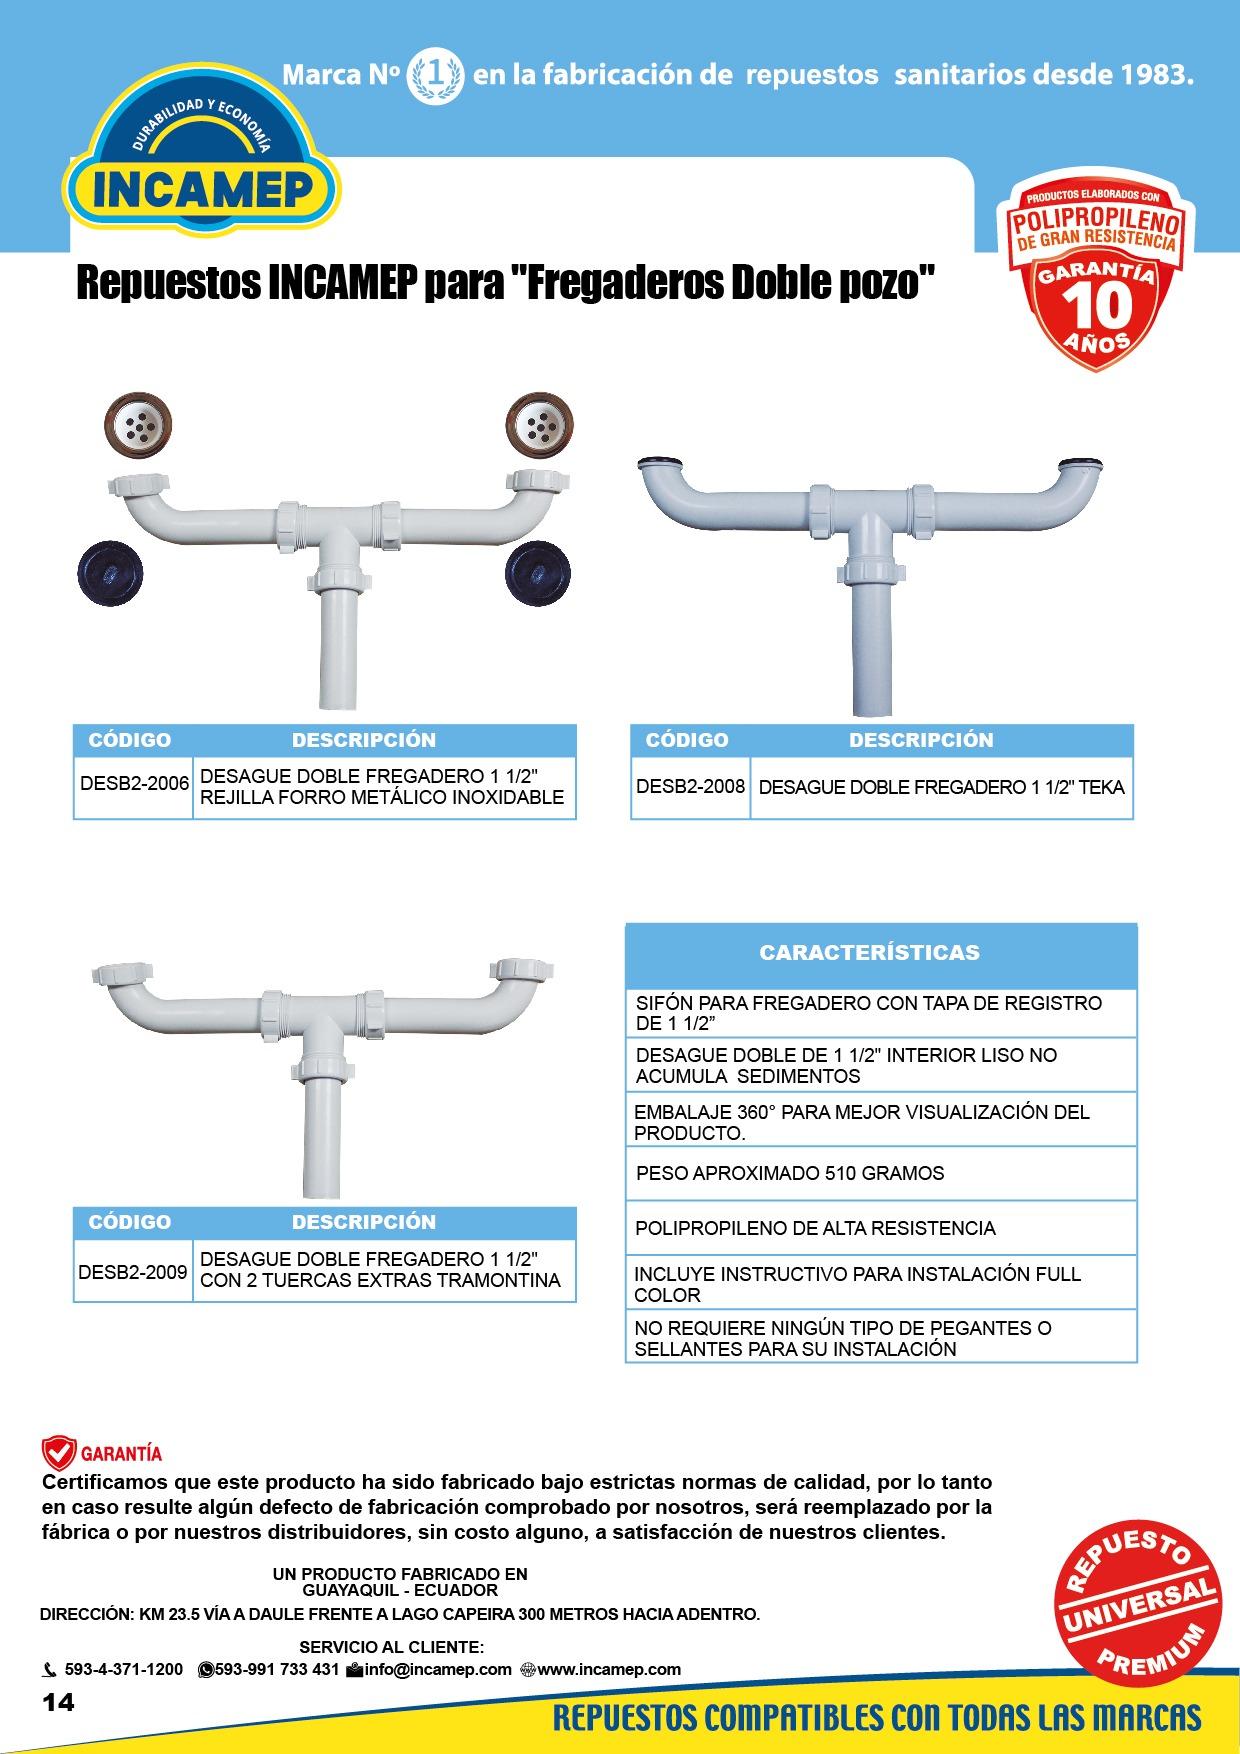 HOJAS TECNICAS UN SOLO ARCHIVO_291119_1330-14